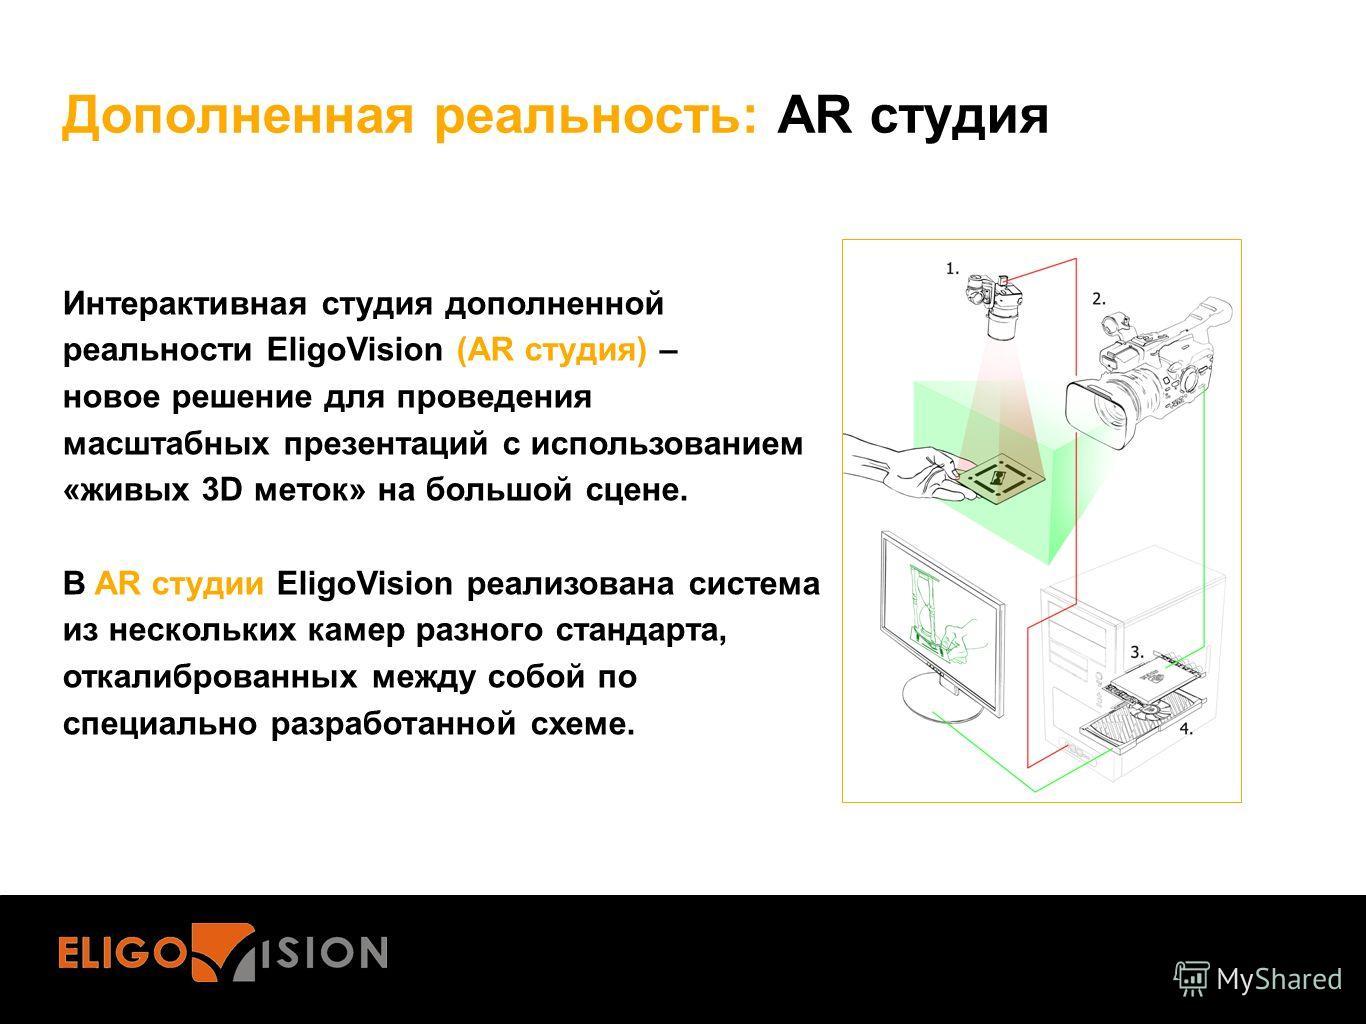 Дополненная реальность: AR студия Интерактивная студия дополненной реальности EligoVision (AR студия) – новое решение для проведения масштабных презентаций с использованием «живых 3D меток» на большой сцене. В AR студии EligoVision реализована систем